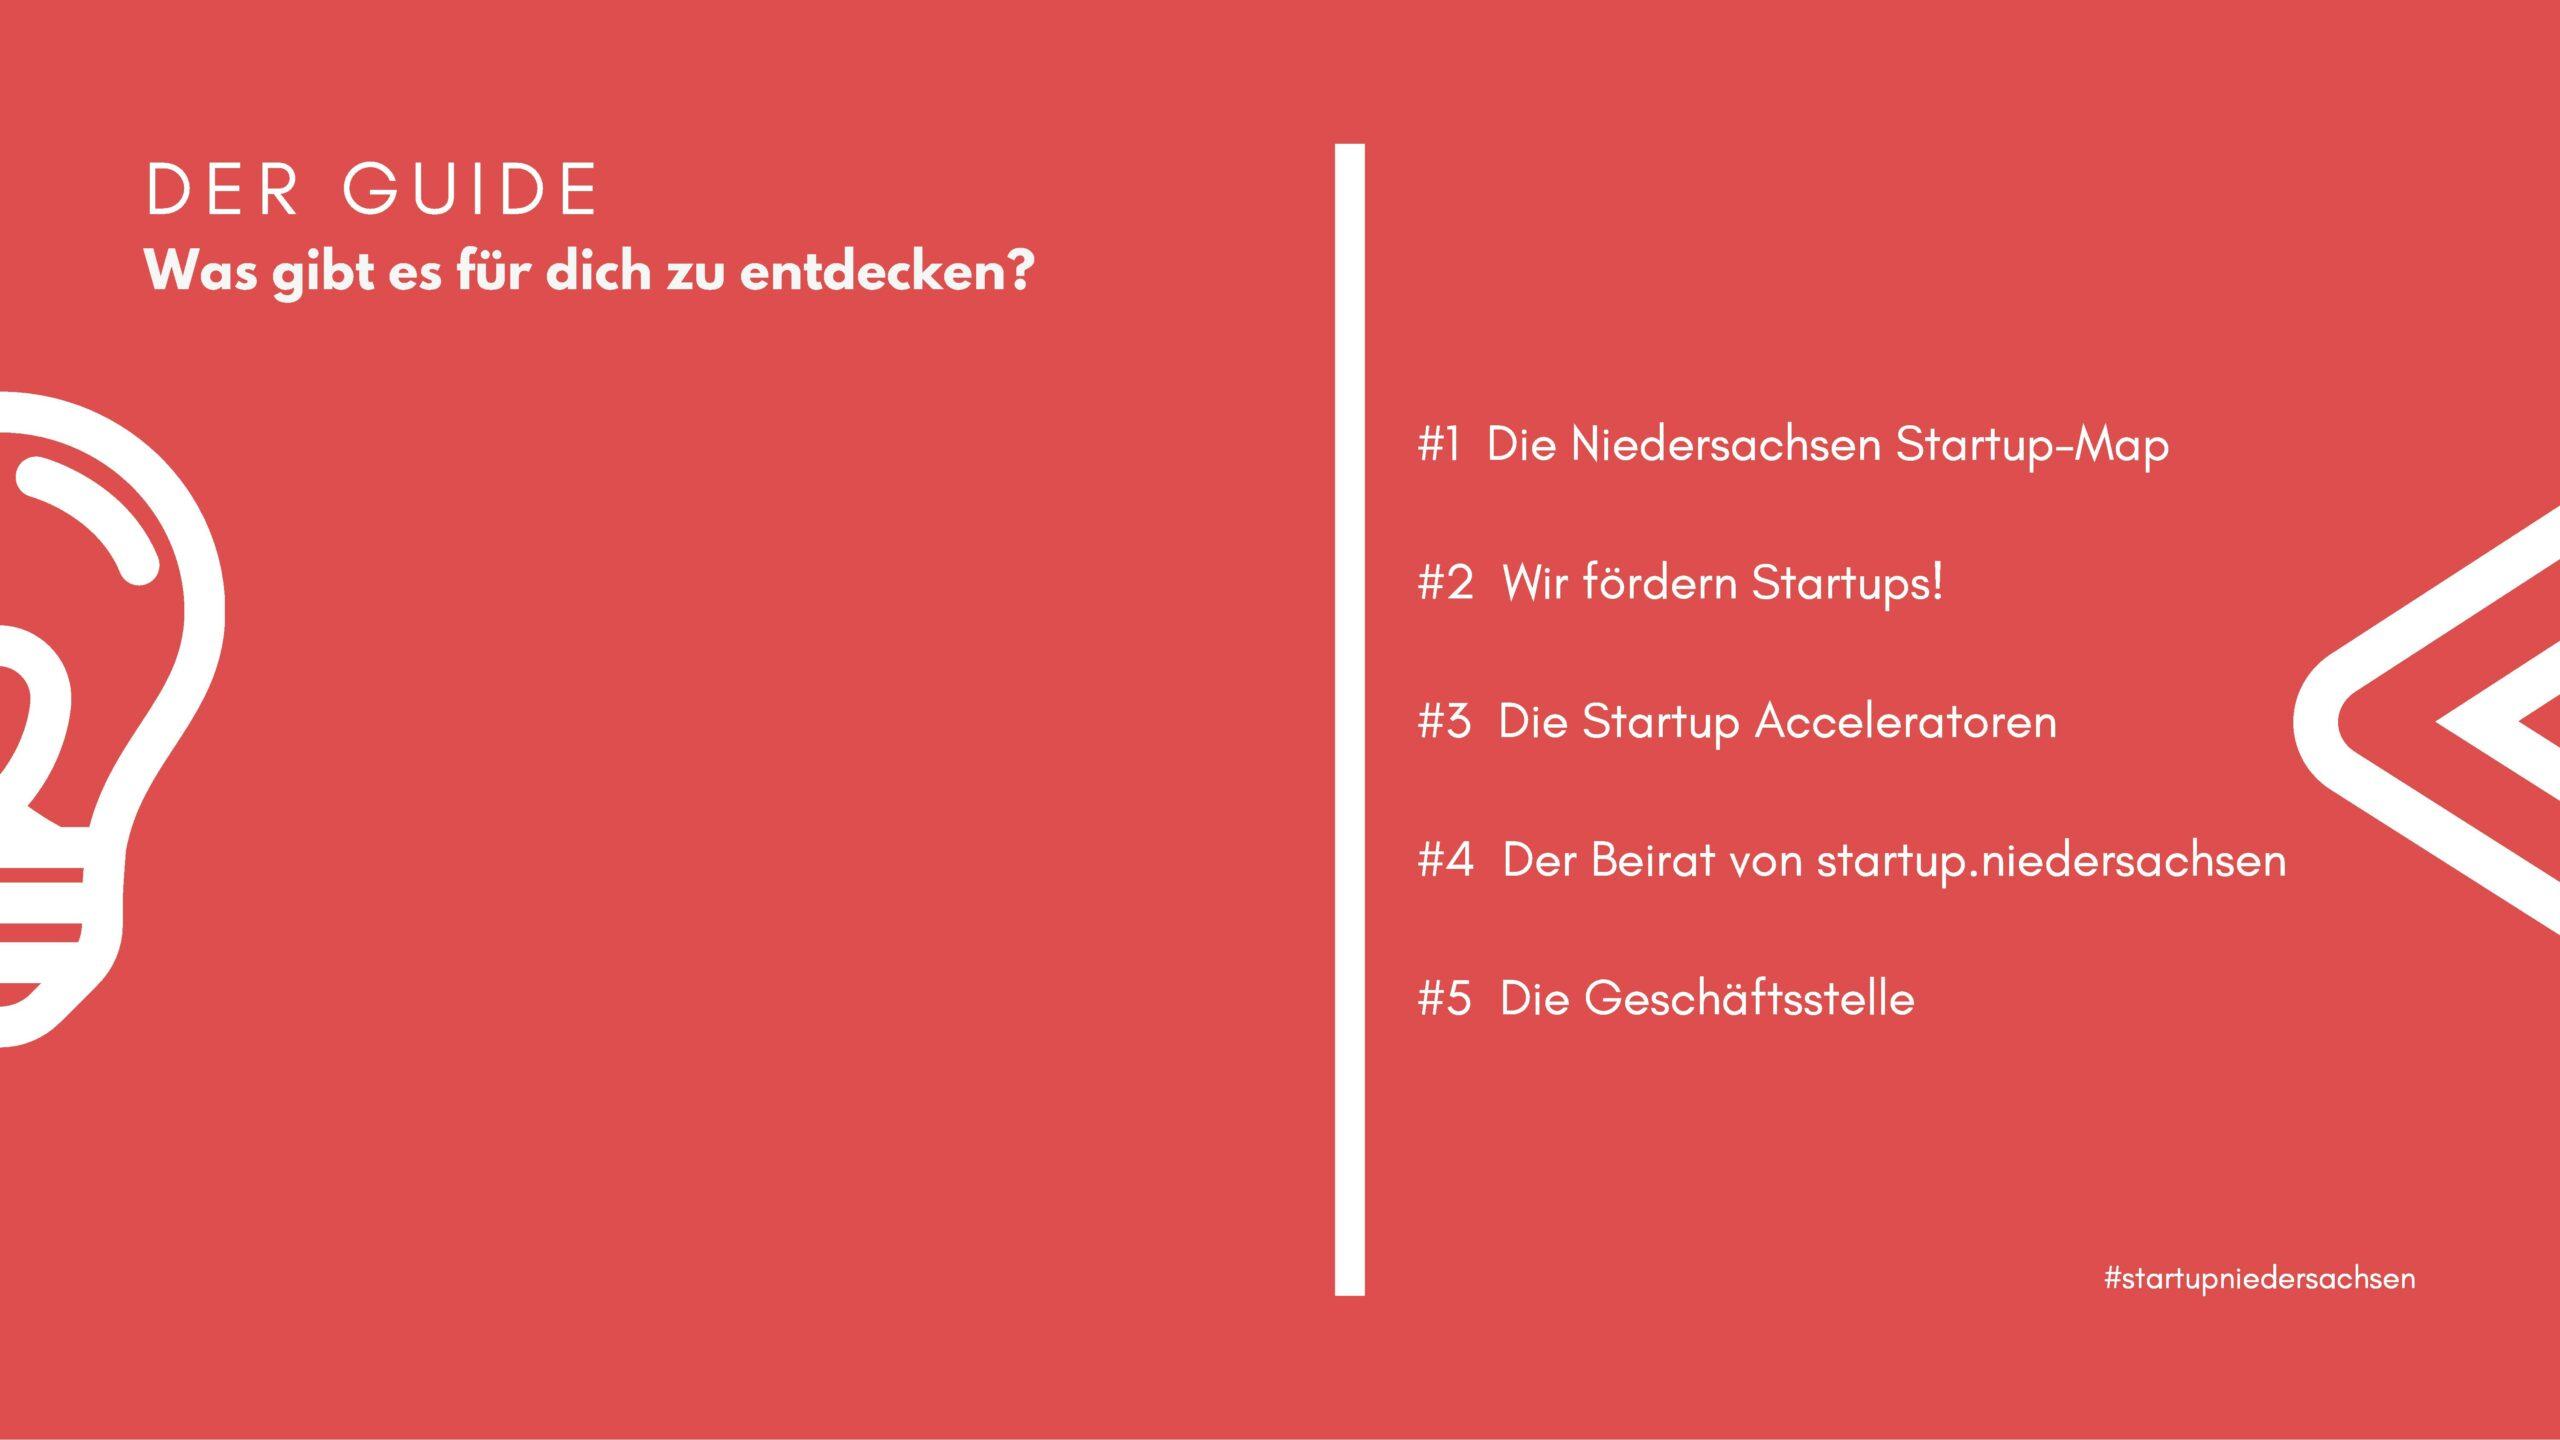 Startup-Guide Gliederung